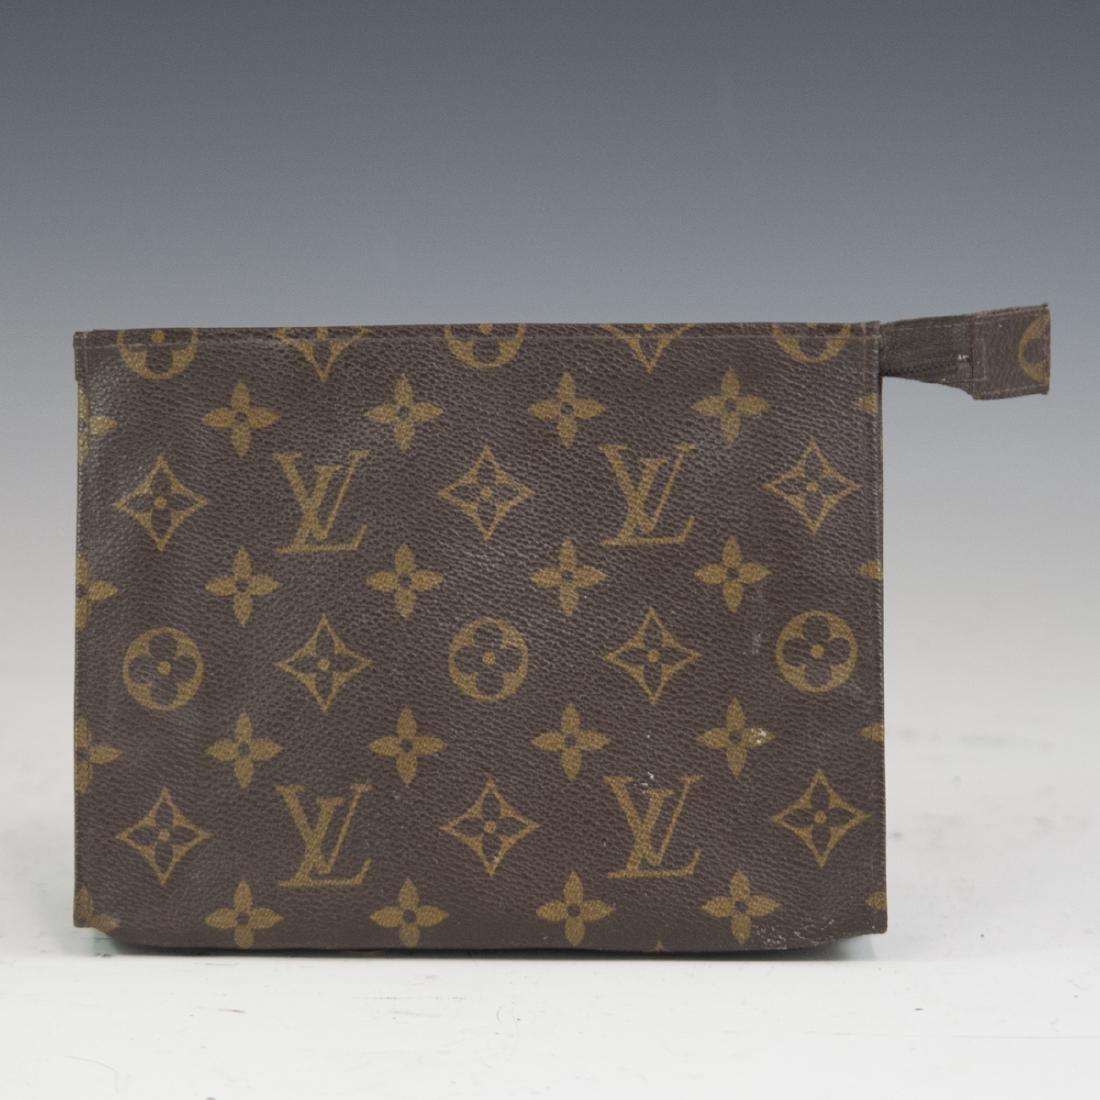 Louis Vuitton Canvas Clutch